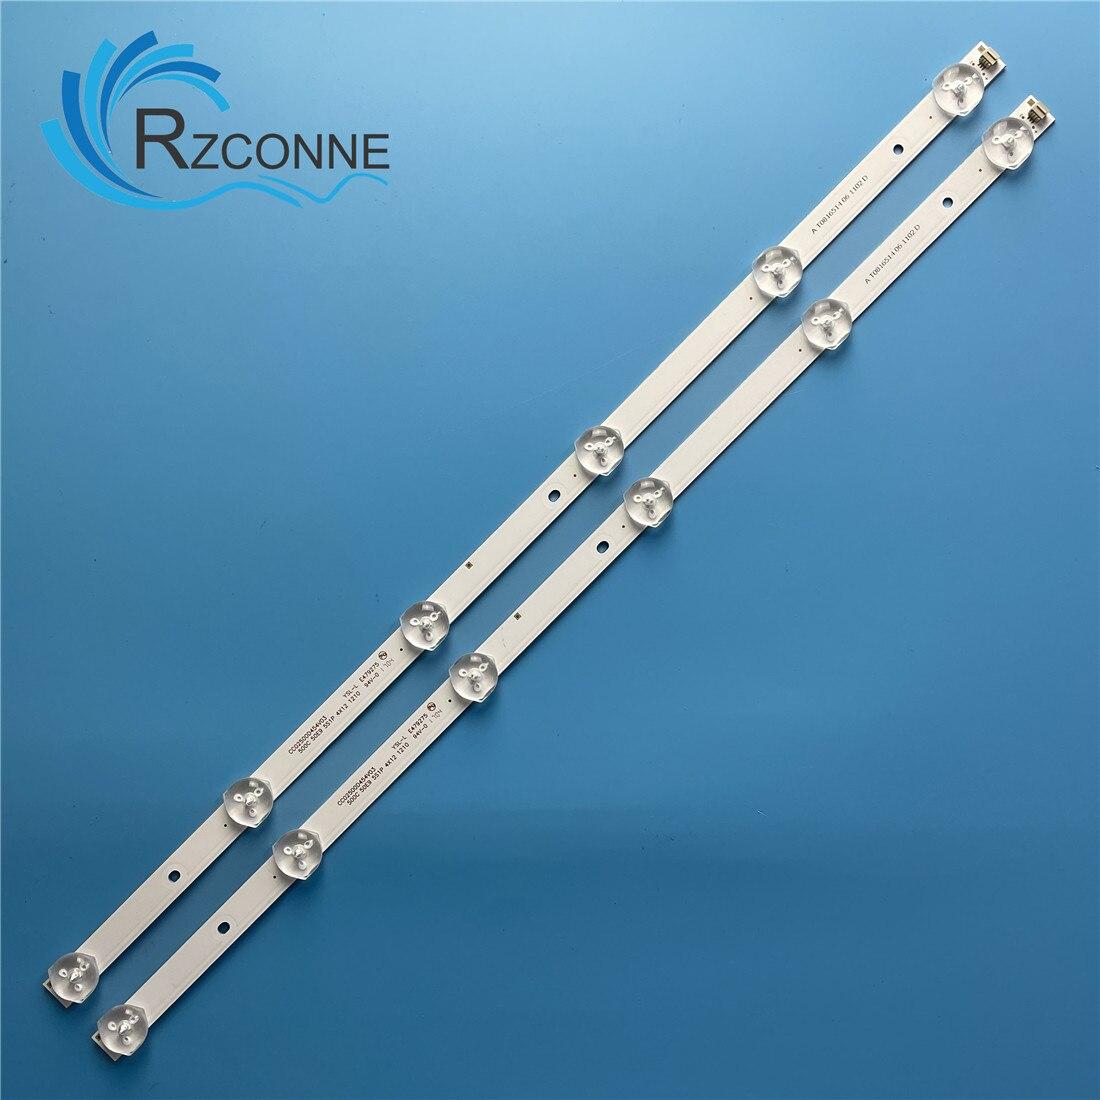 striscia-di-retroilluminazione-a-led-da-453mm-6-lampada-per-cc02500d454v03-500c-50e9-5s1p-4x12-1210